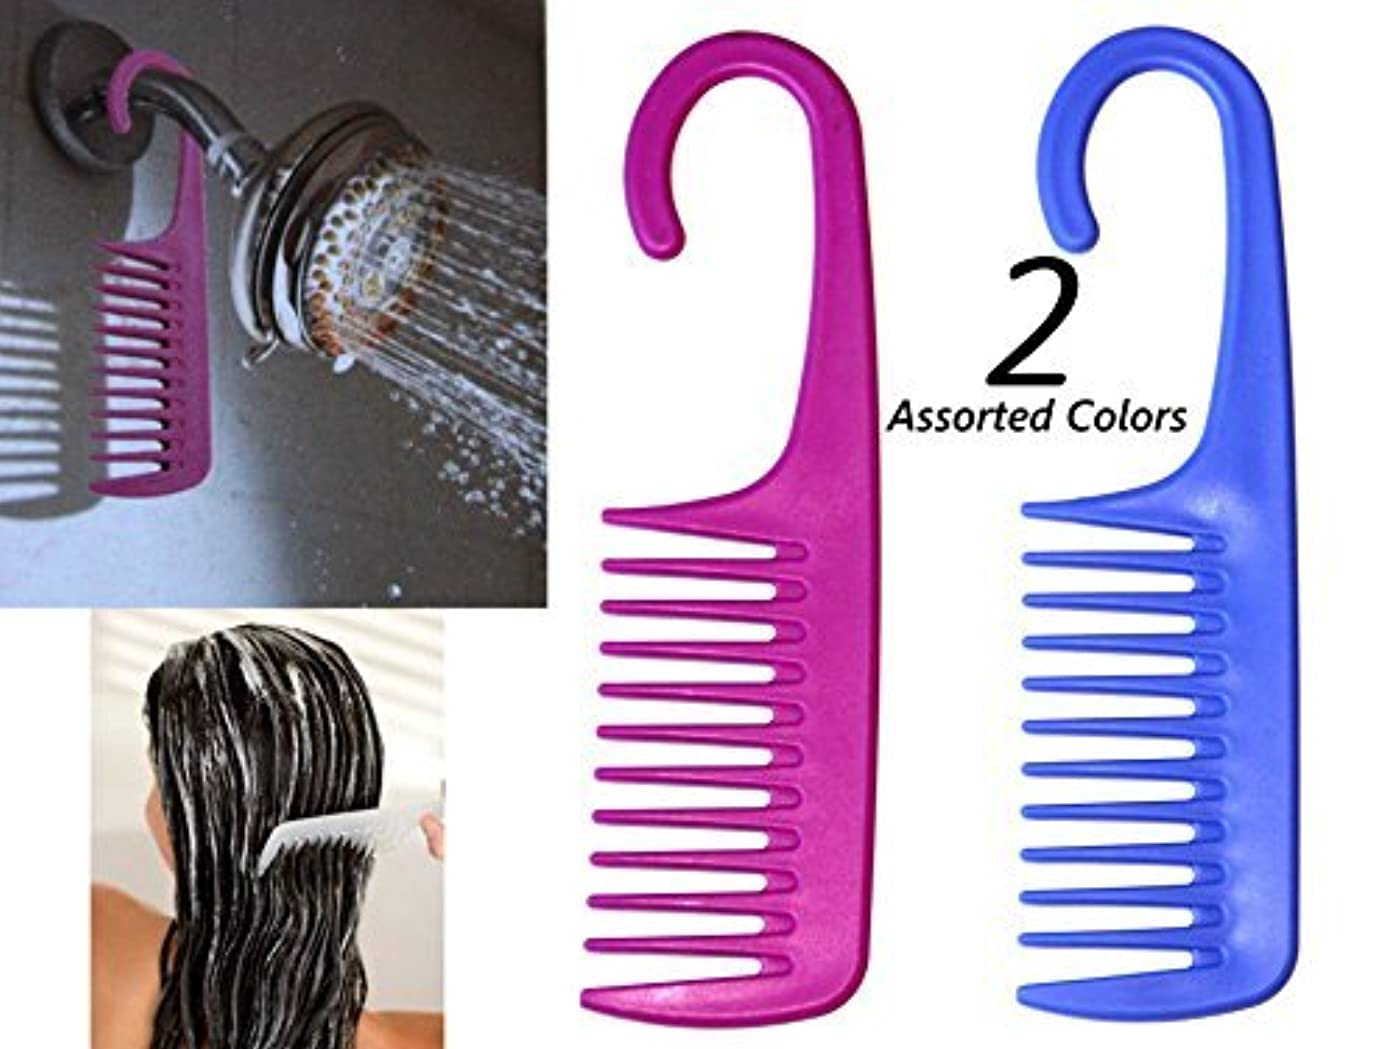 意気消沈した宣言するストレージ2 Assorted Color Wide Tooth De-tangling/Conditioning Shower Comb w/Hook for hanging By ALAZCO [並行輸入品]